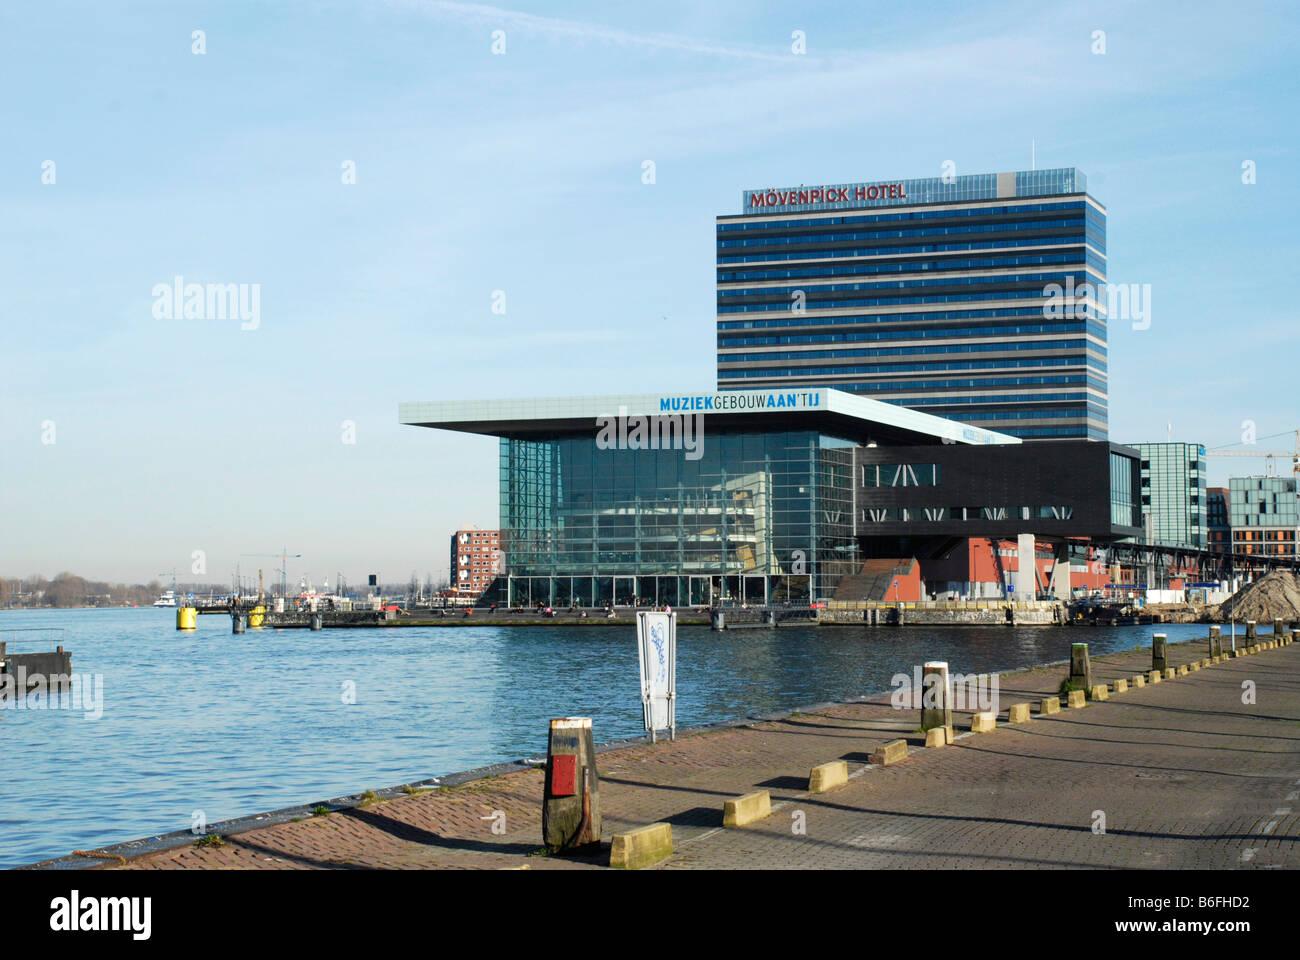 Muziek-Gebouw, Amsterdam, Niederlande Stockbild